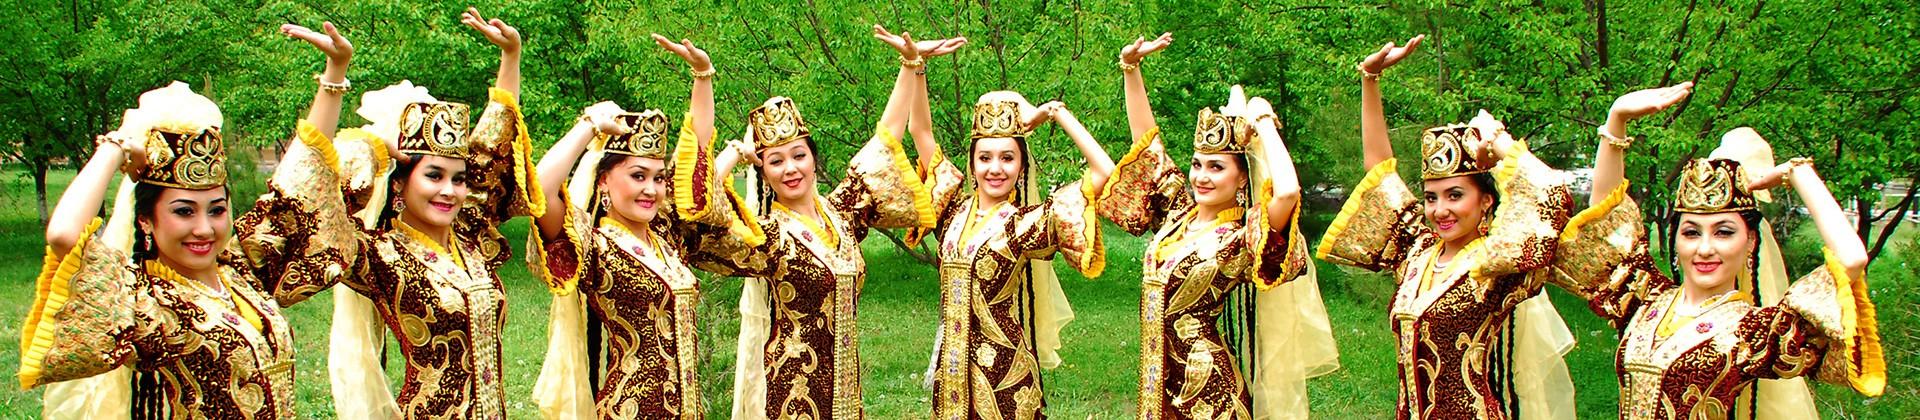 Традиции и обычаи в Узбекистане - 1